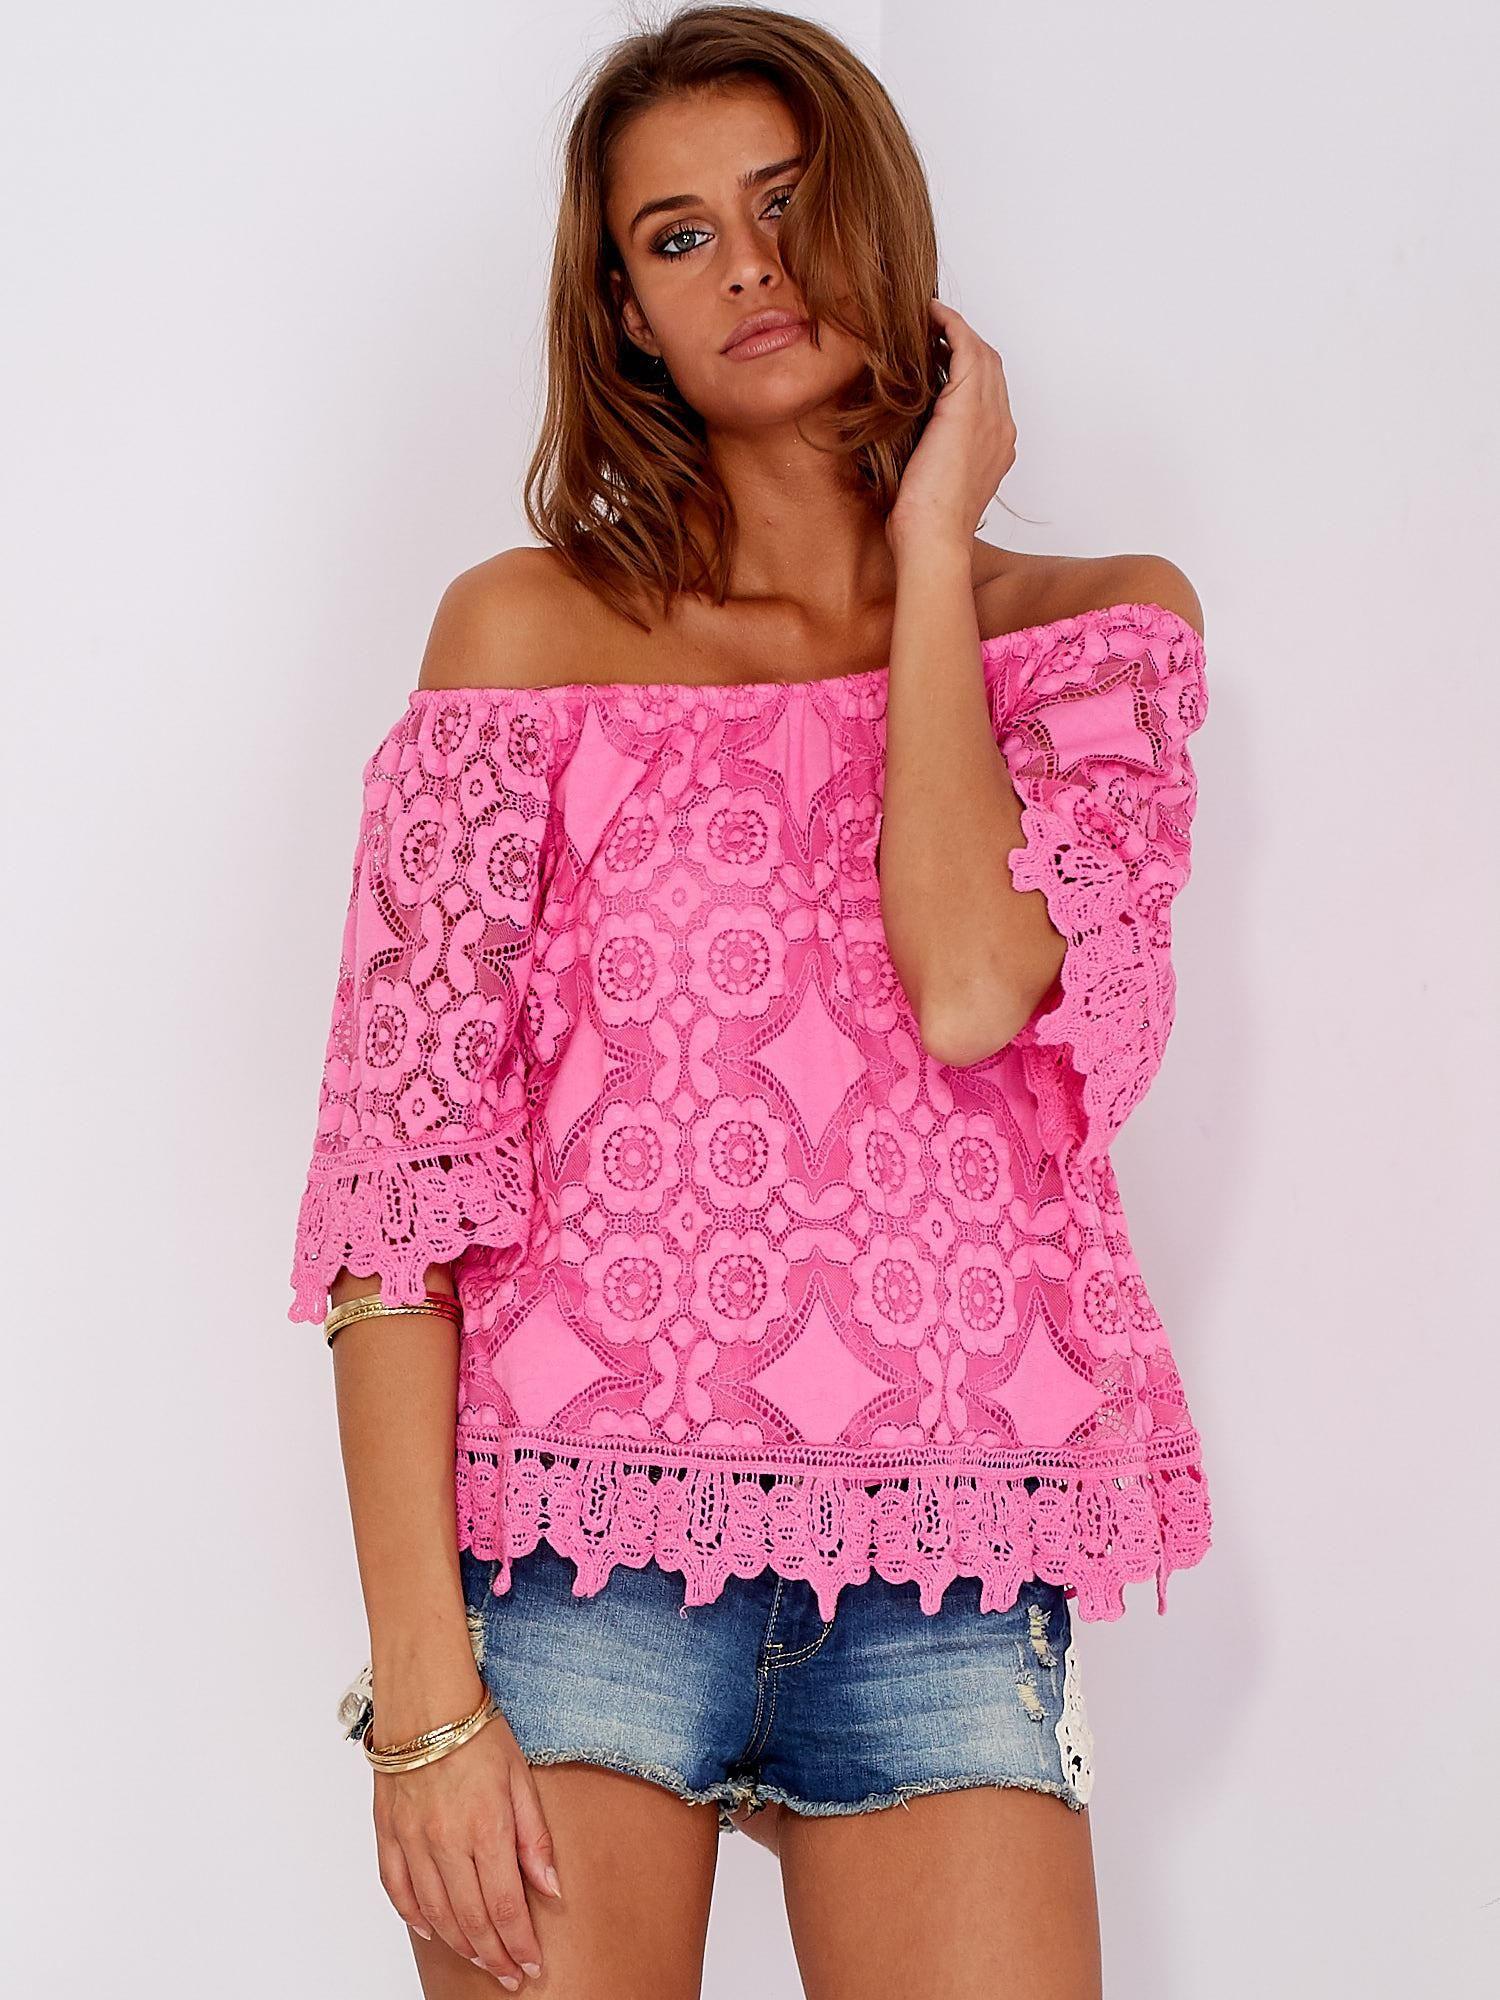 fd6ba545c1eb98 Różowa koronkowa bluzka z hiszpańskim dekoltem - Bluzka one size - sklep  eButik.pl